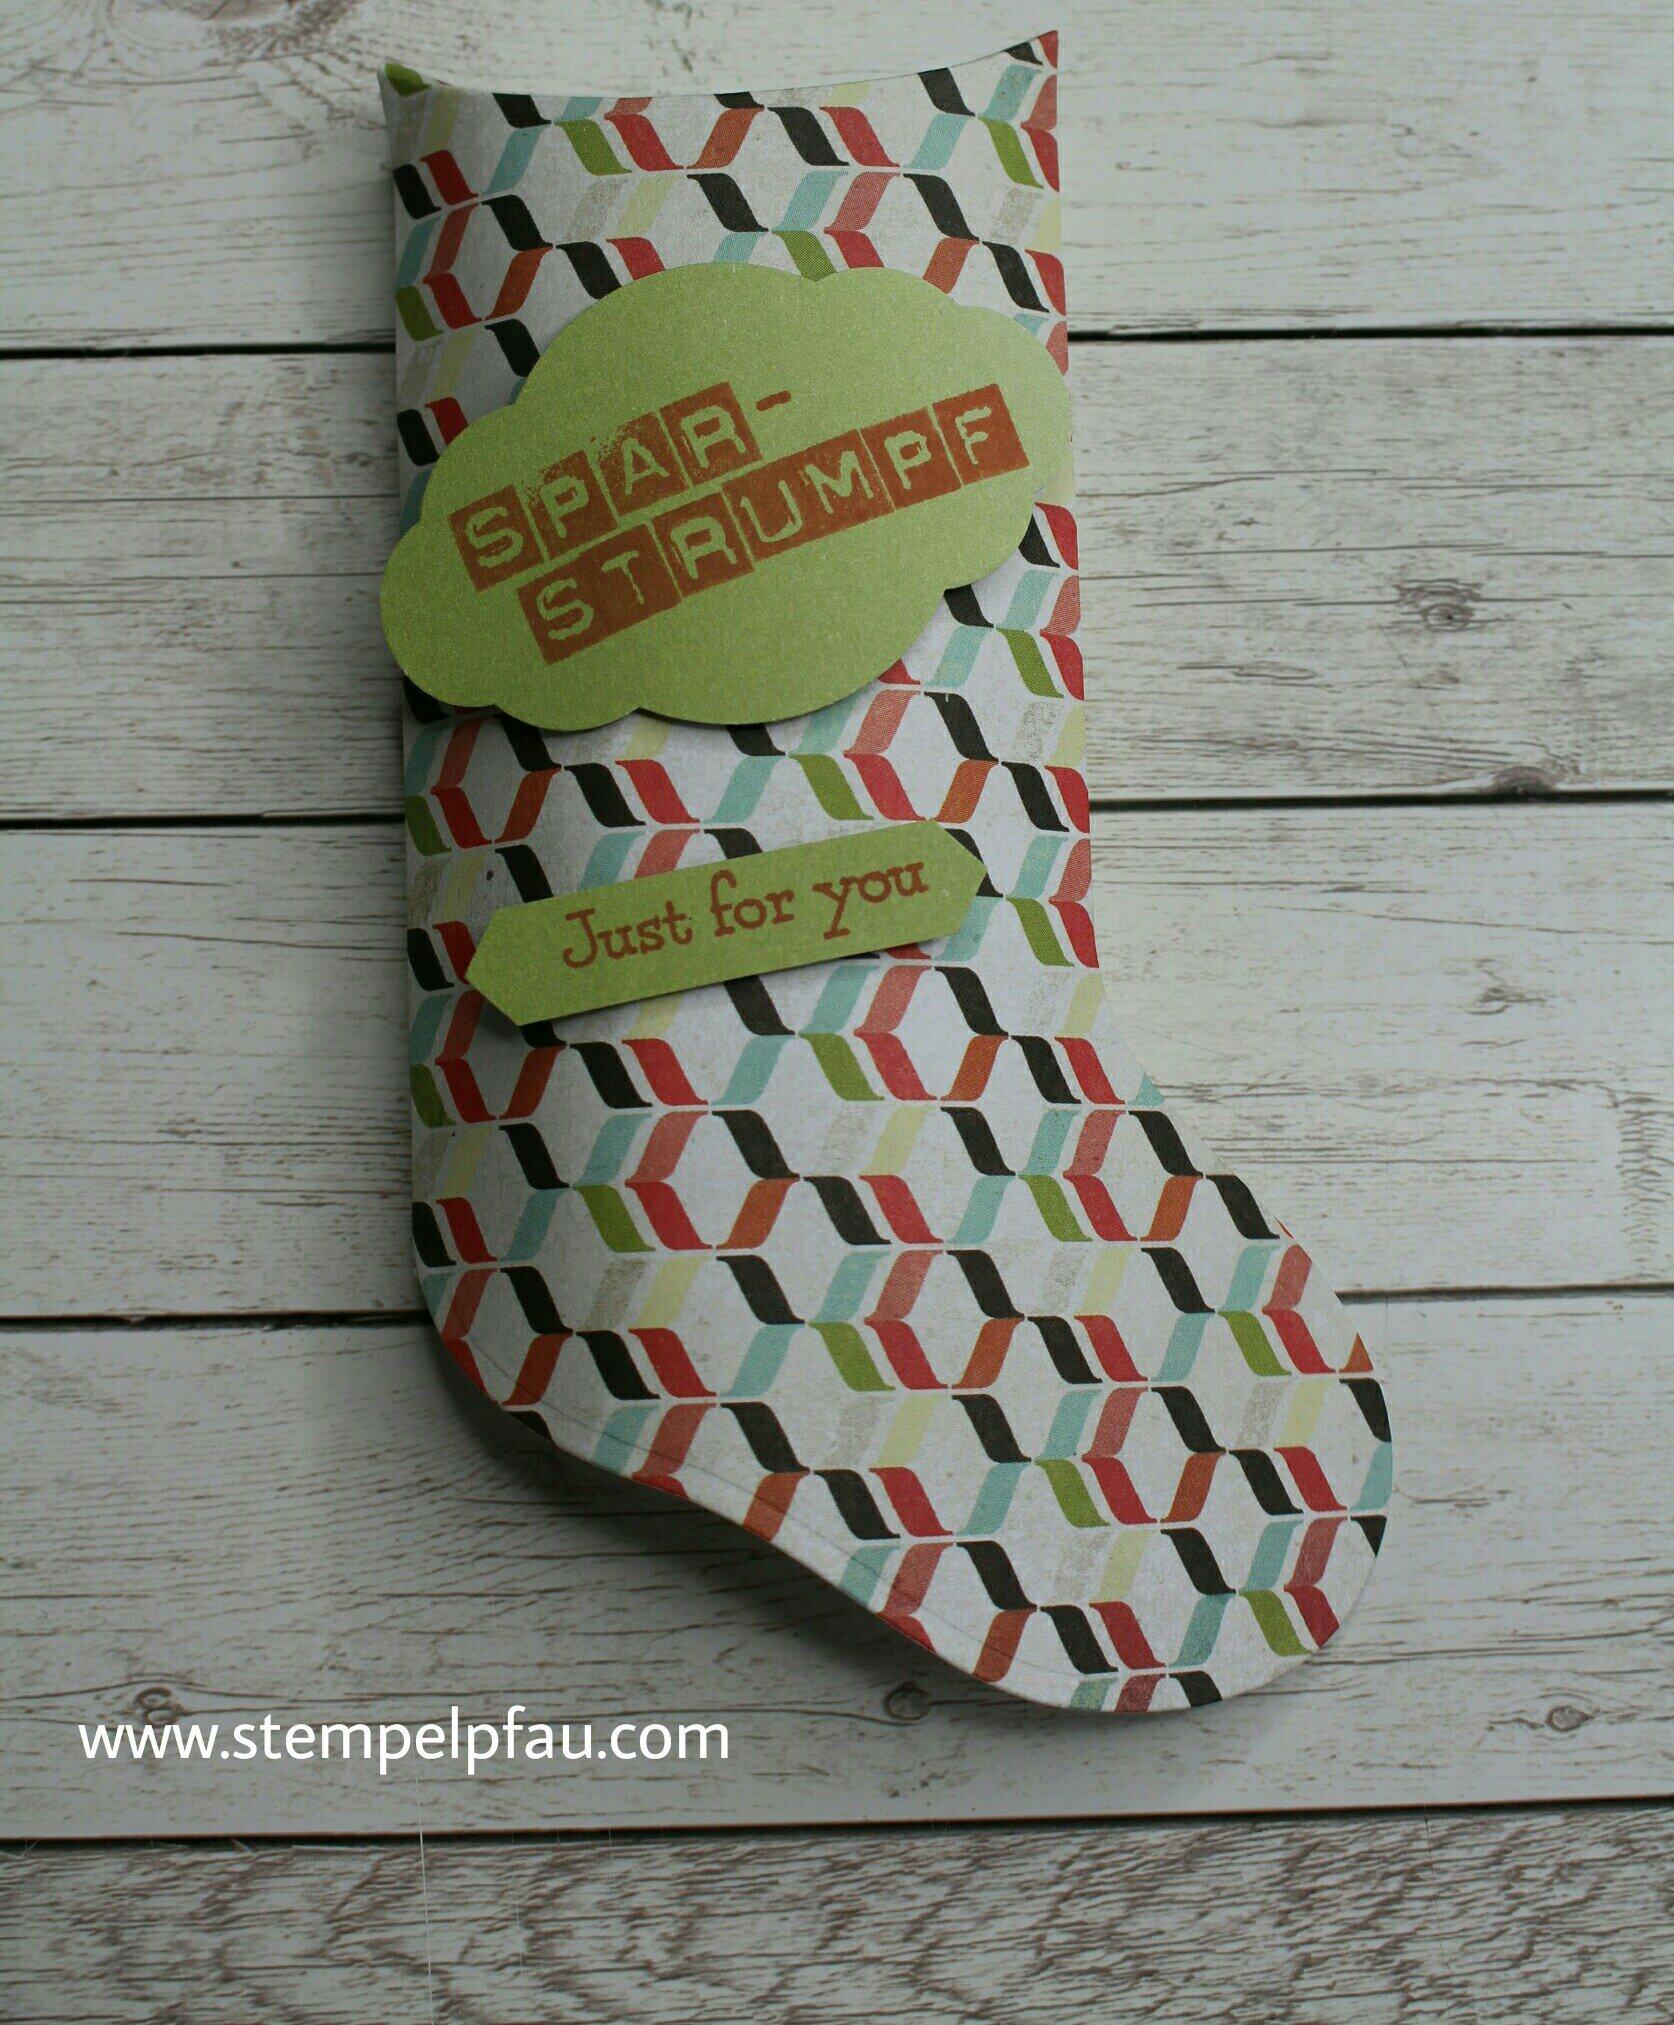 Sparstrumpf aus Papier. Die Framelits von Stampin up für die Weihnachtssocke sind toll.